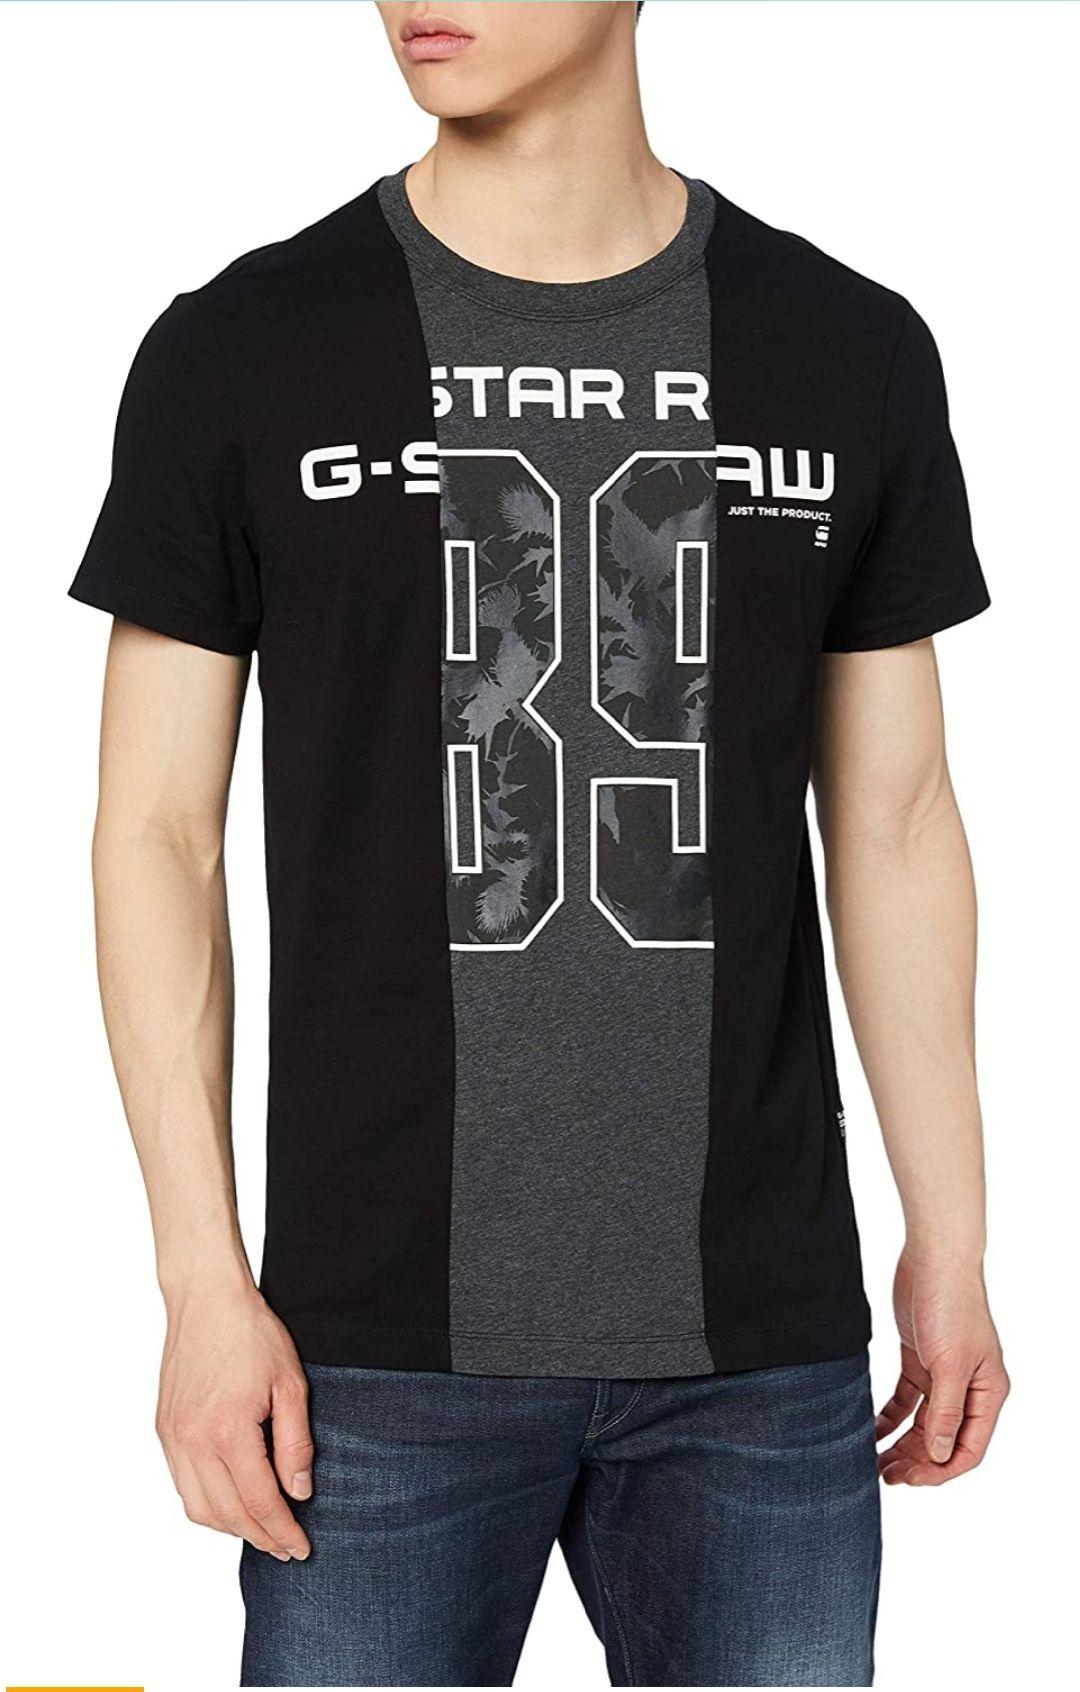 (Talla S) G-STAR RAW Blocked 89